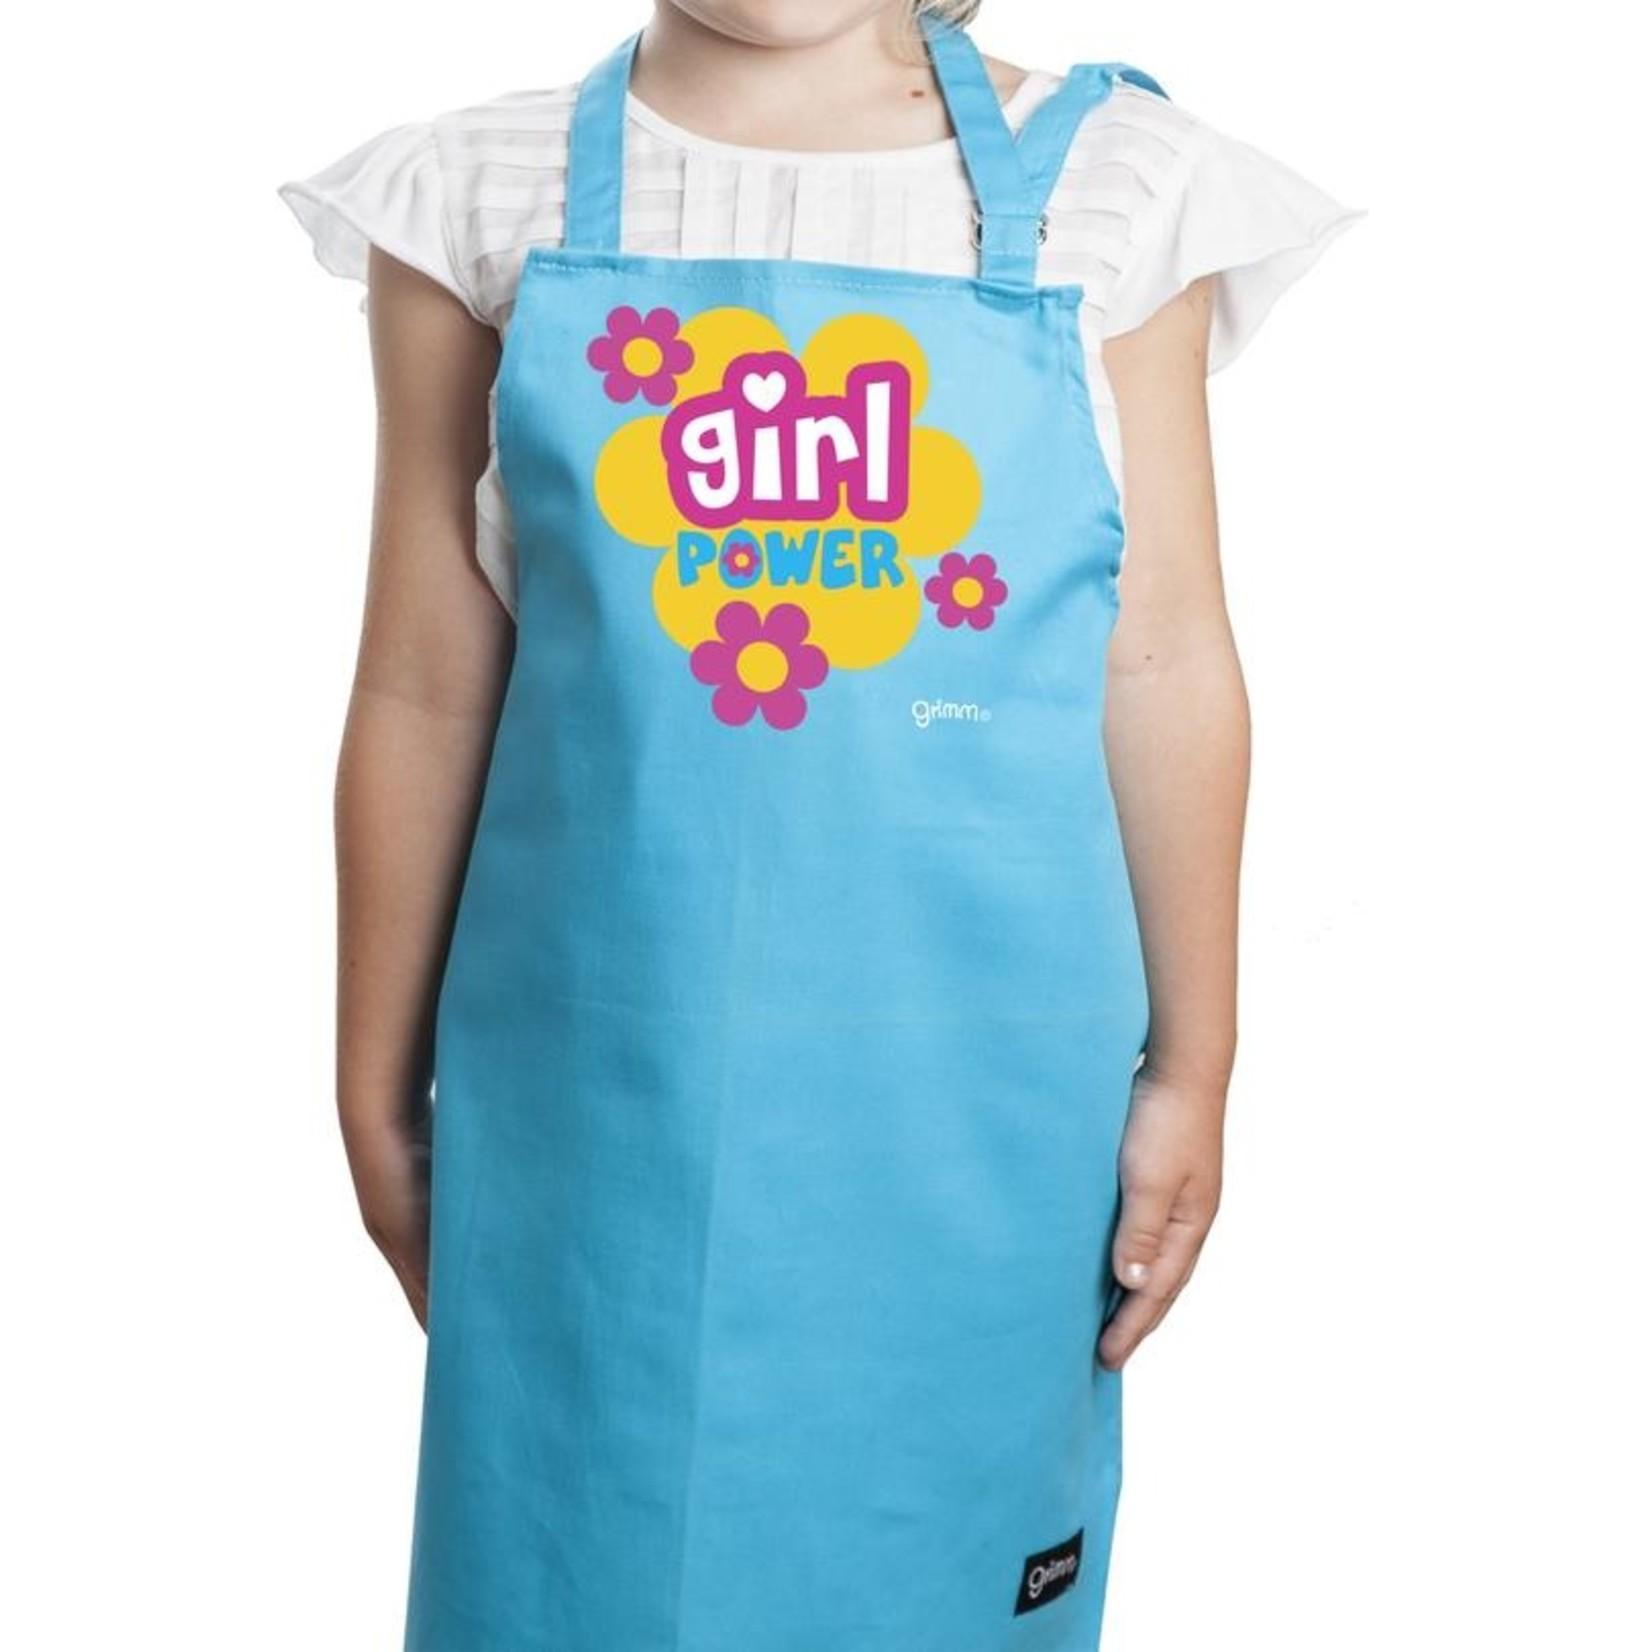 Children's Apron - Girl Power